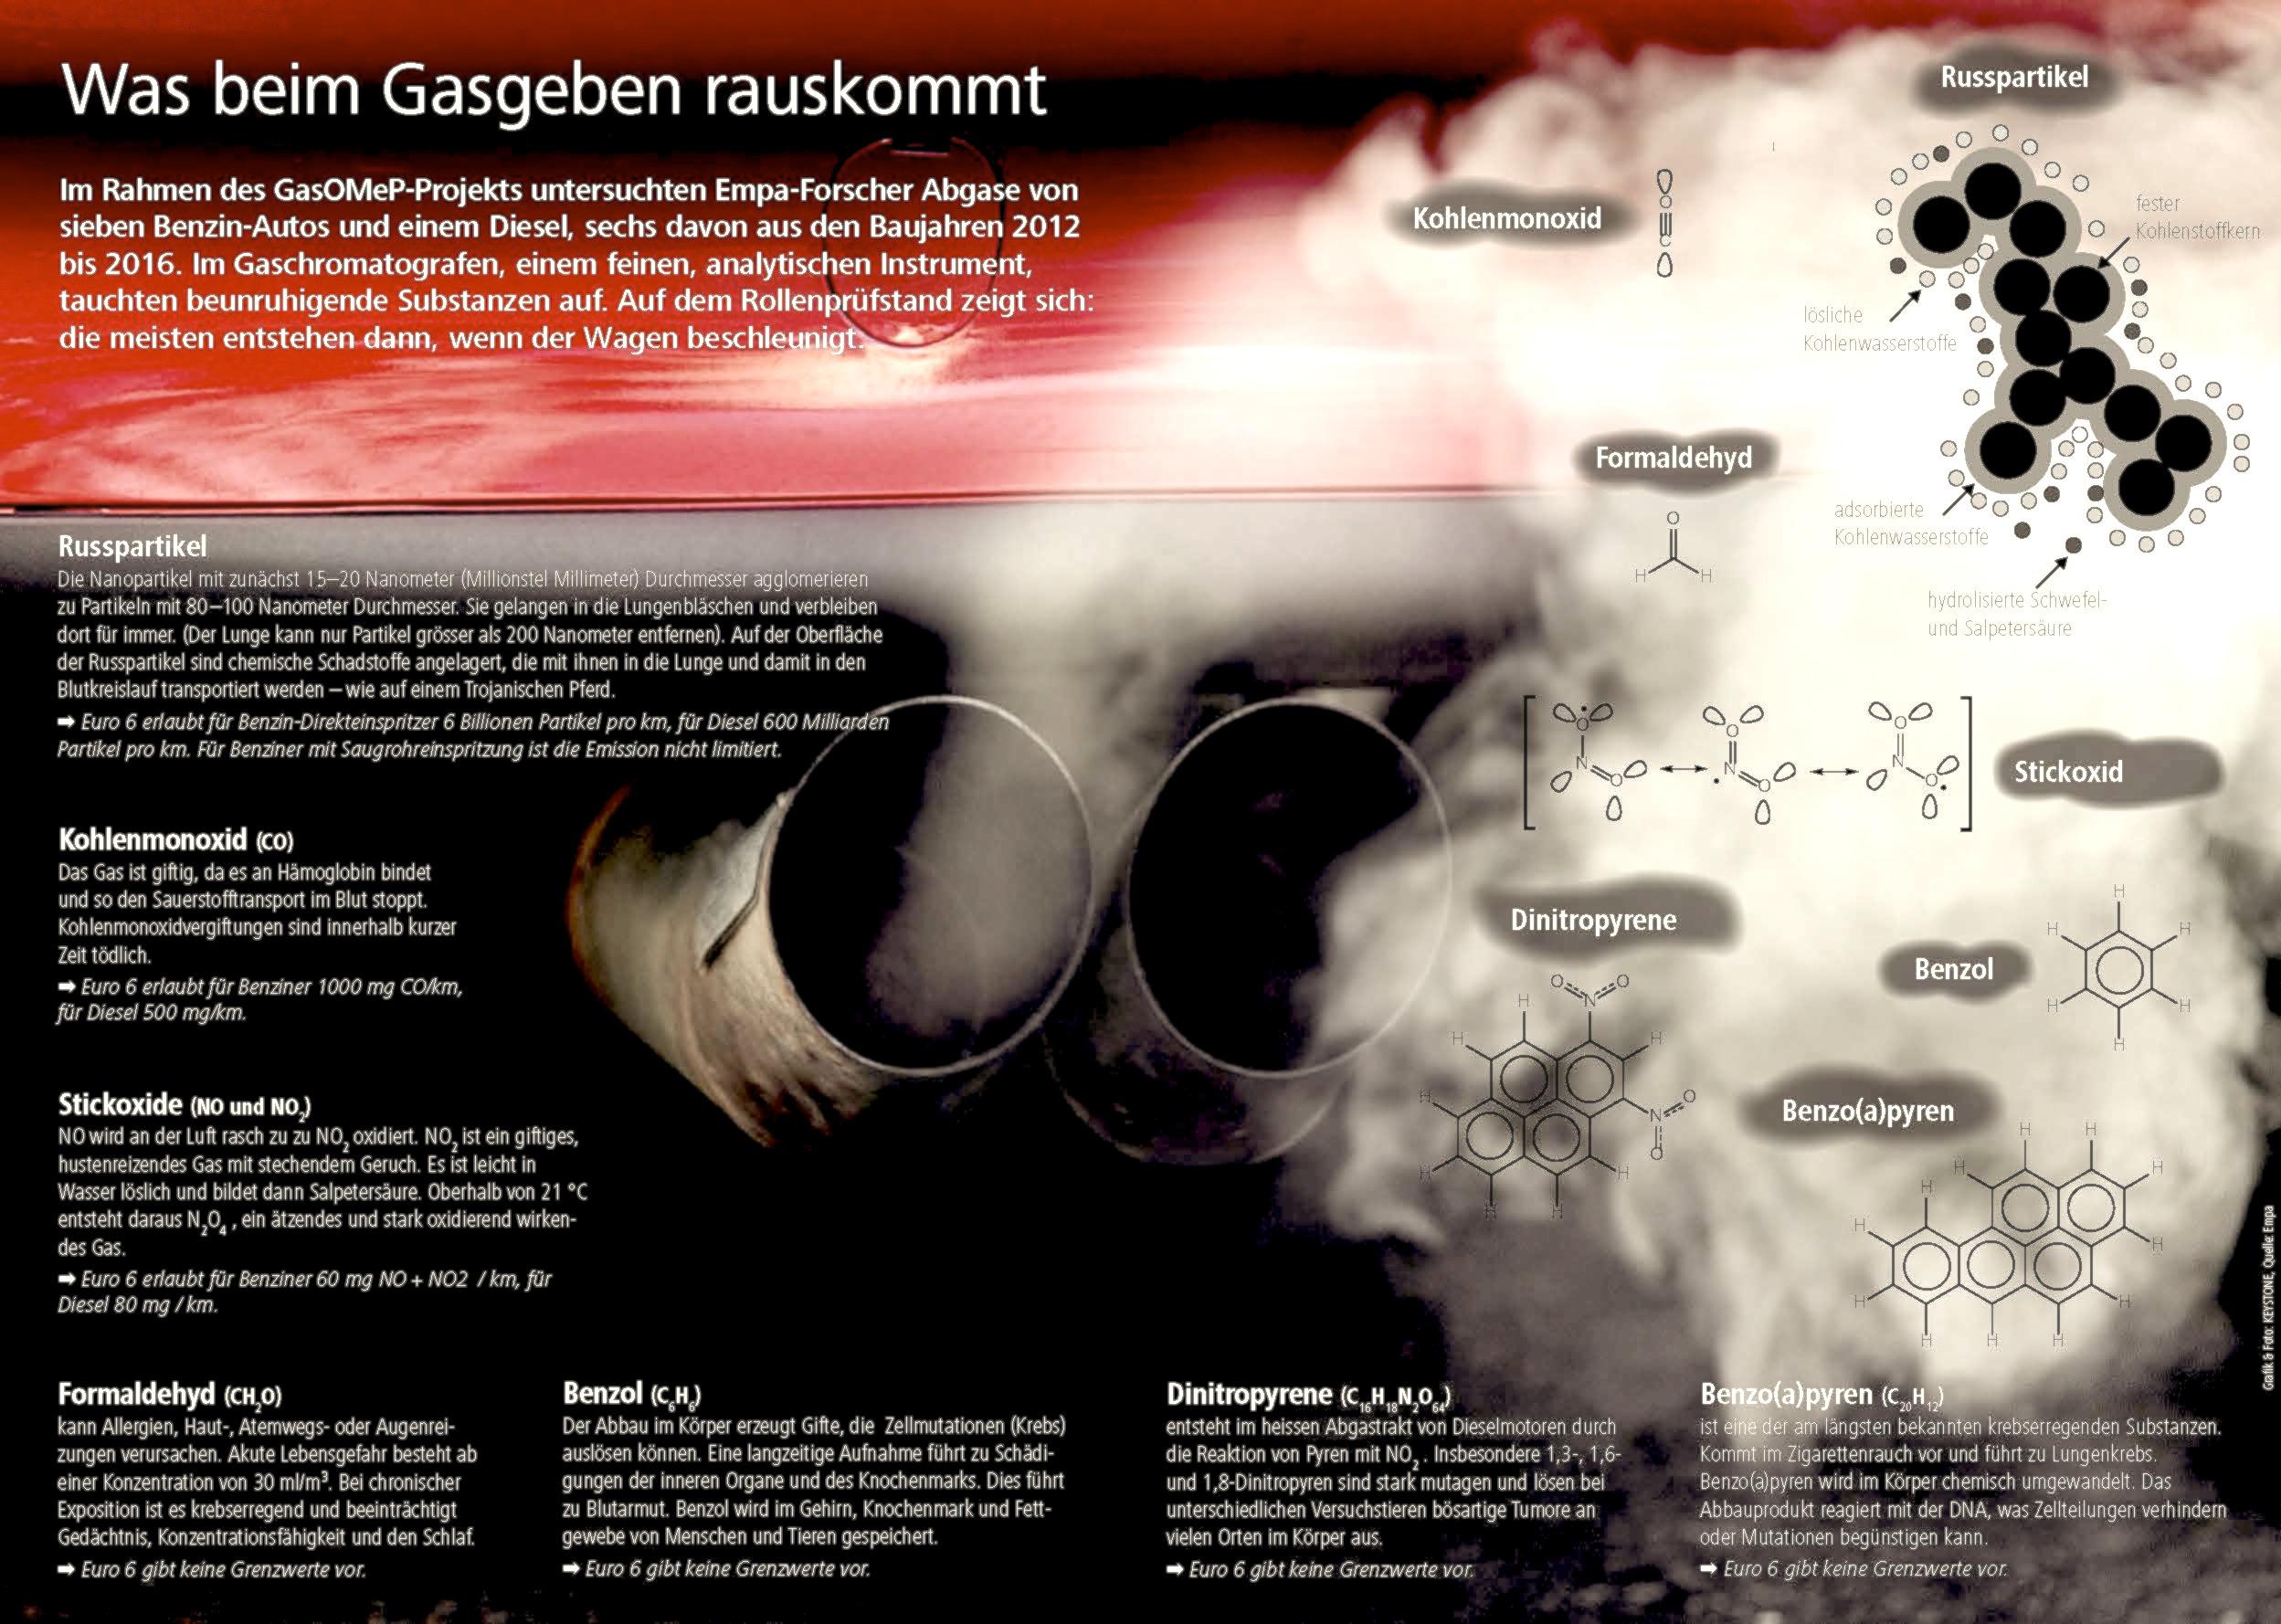 Das Abgas von Benziner mit Direkteinspritzung enthält nicht nur viel Feinstaub, sondern eine erhebliche Menge krebserregender Substanzen.